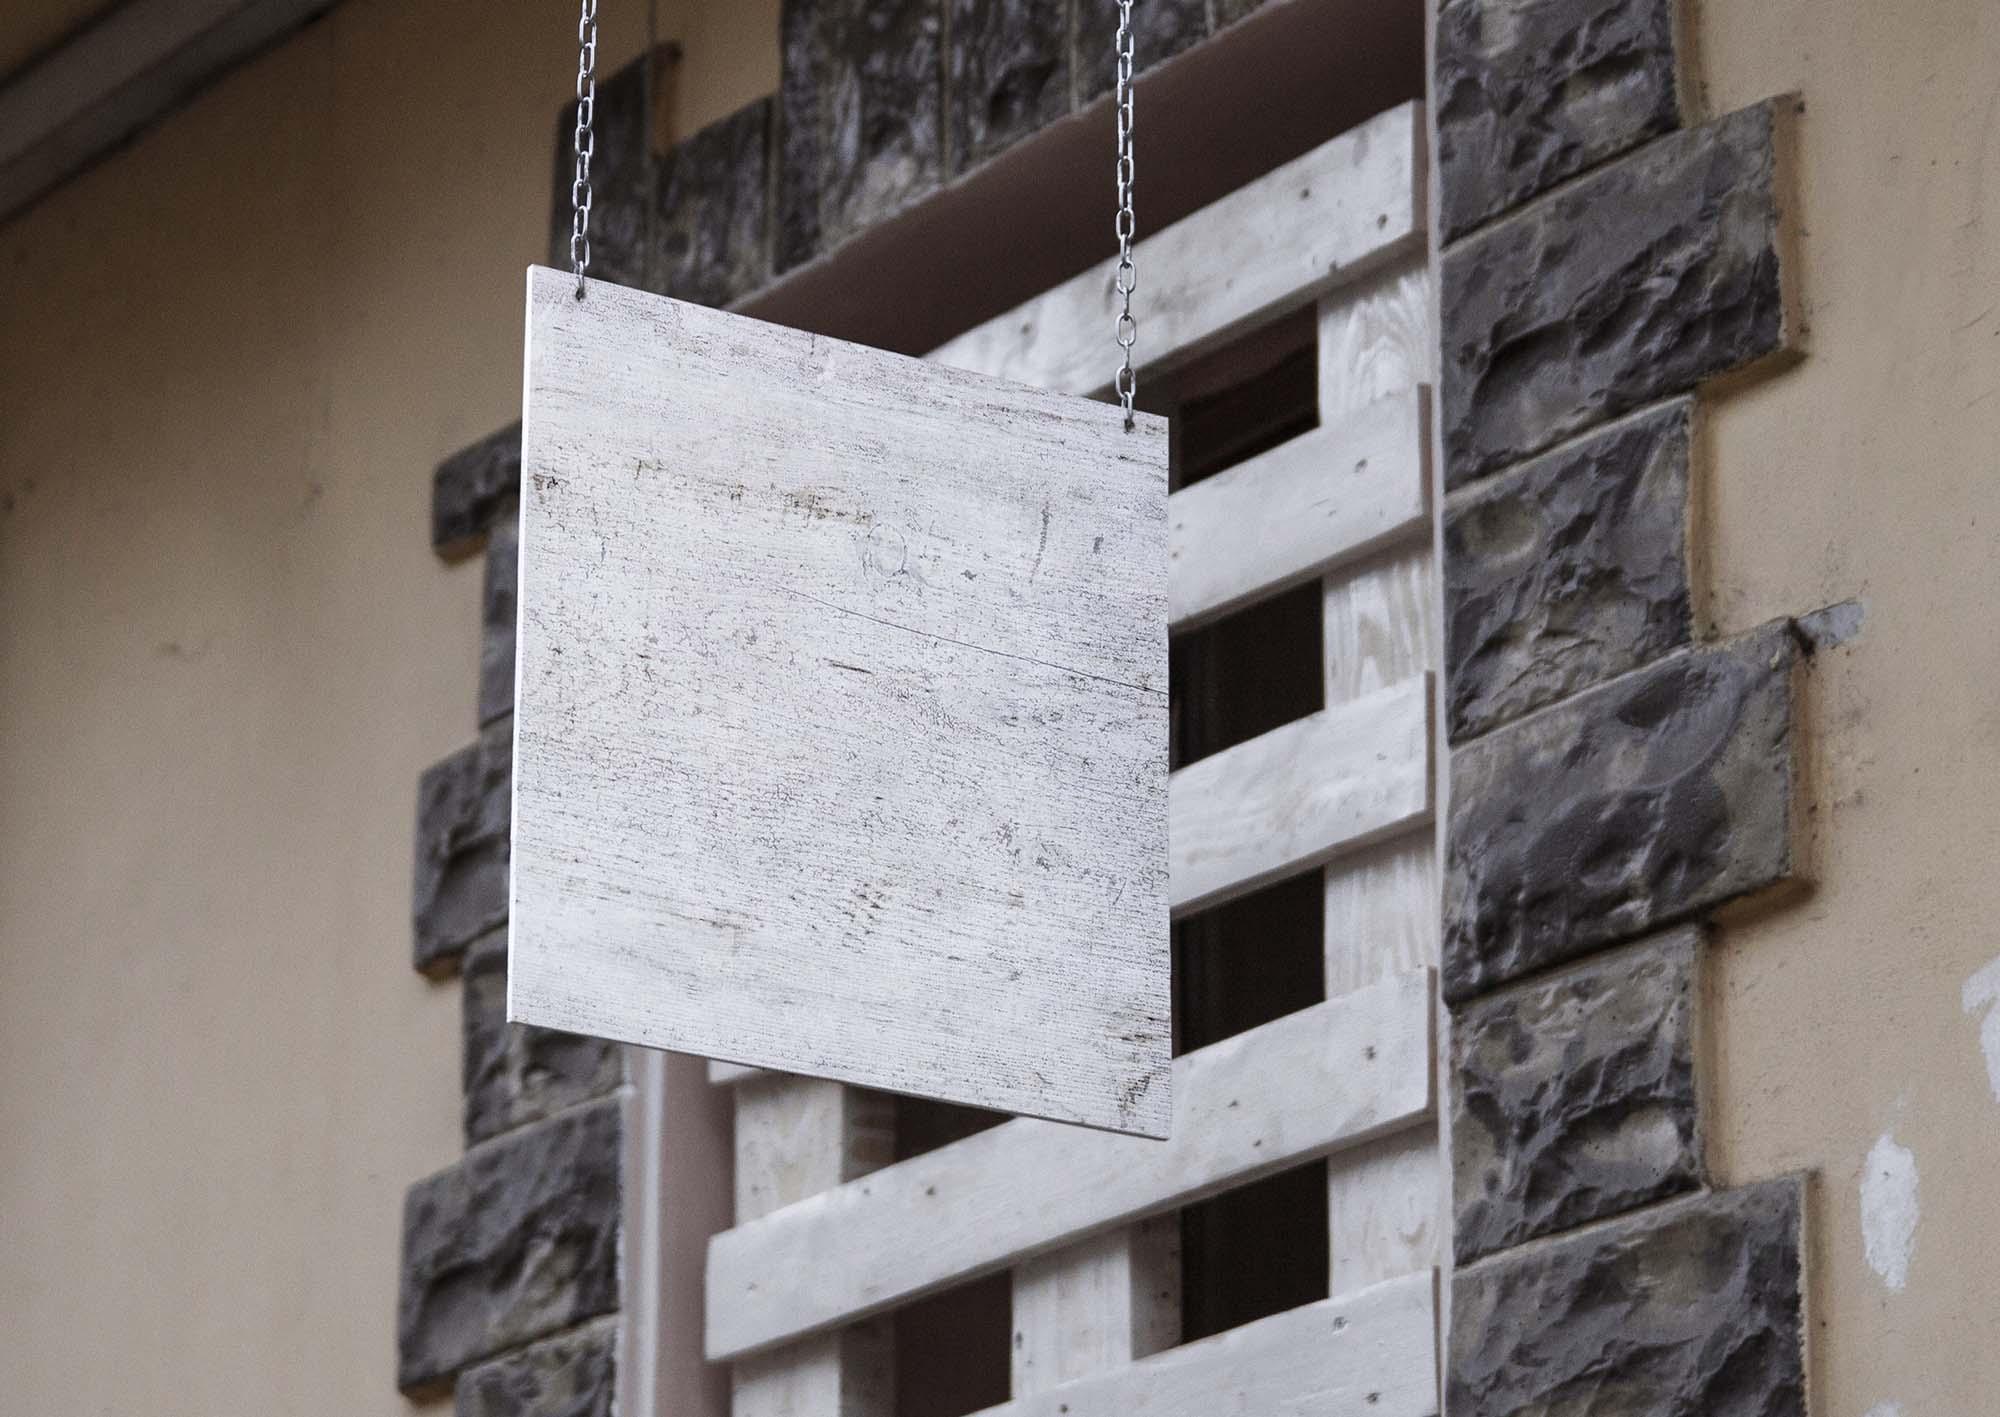 Wooden Hanging Wall Sign Mockup 2